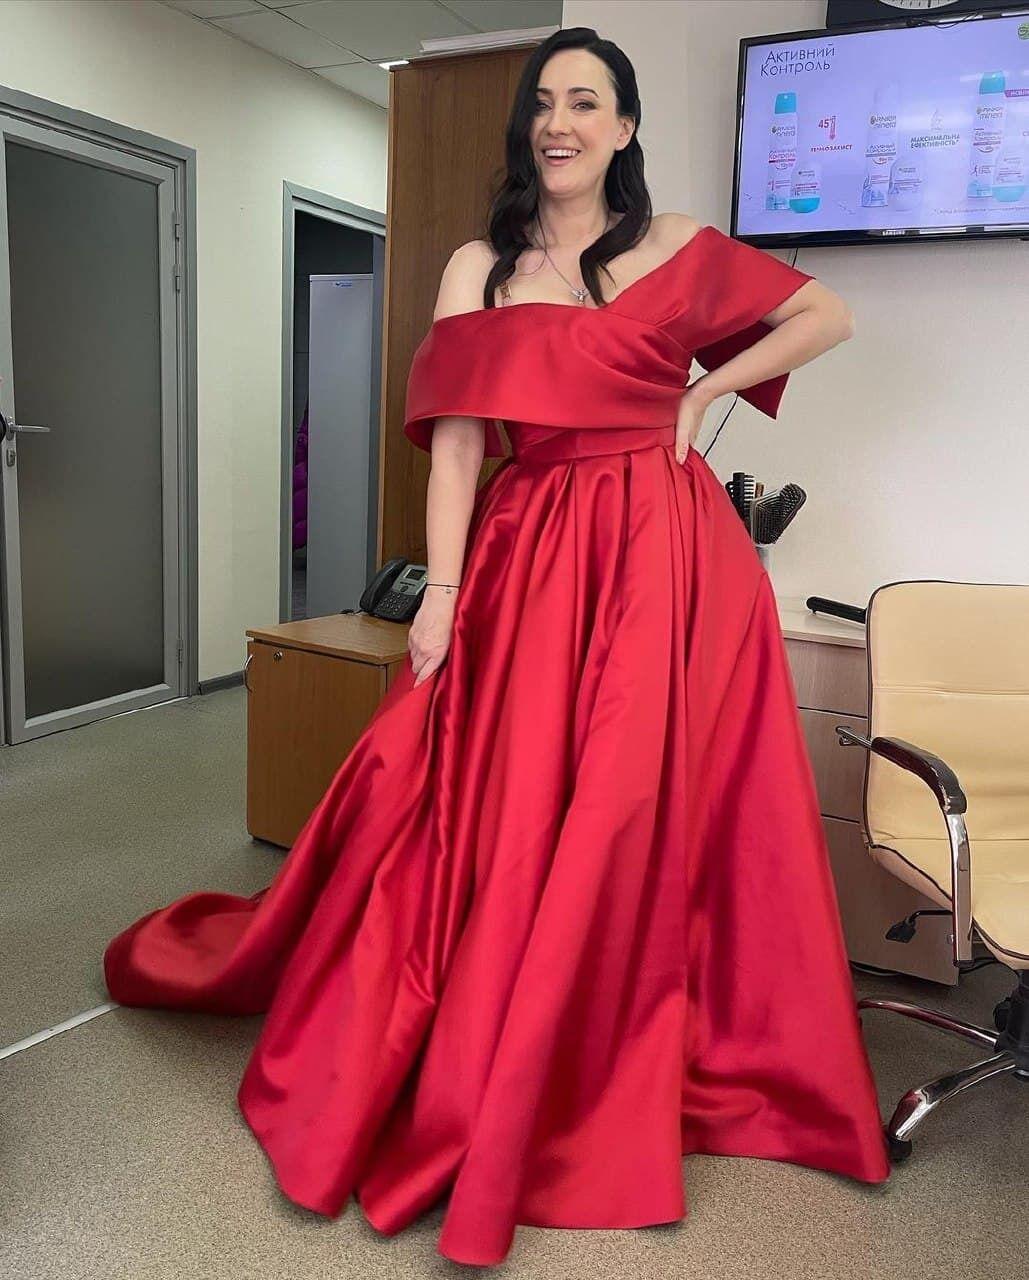 Соломия Витвицкая позирует в новом наряде